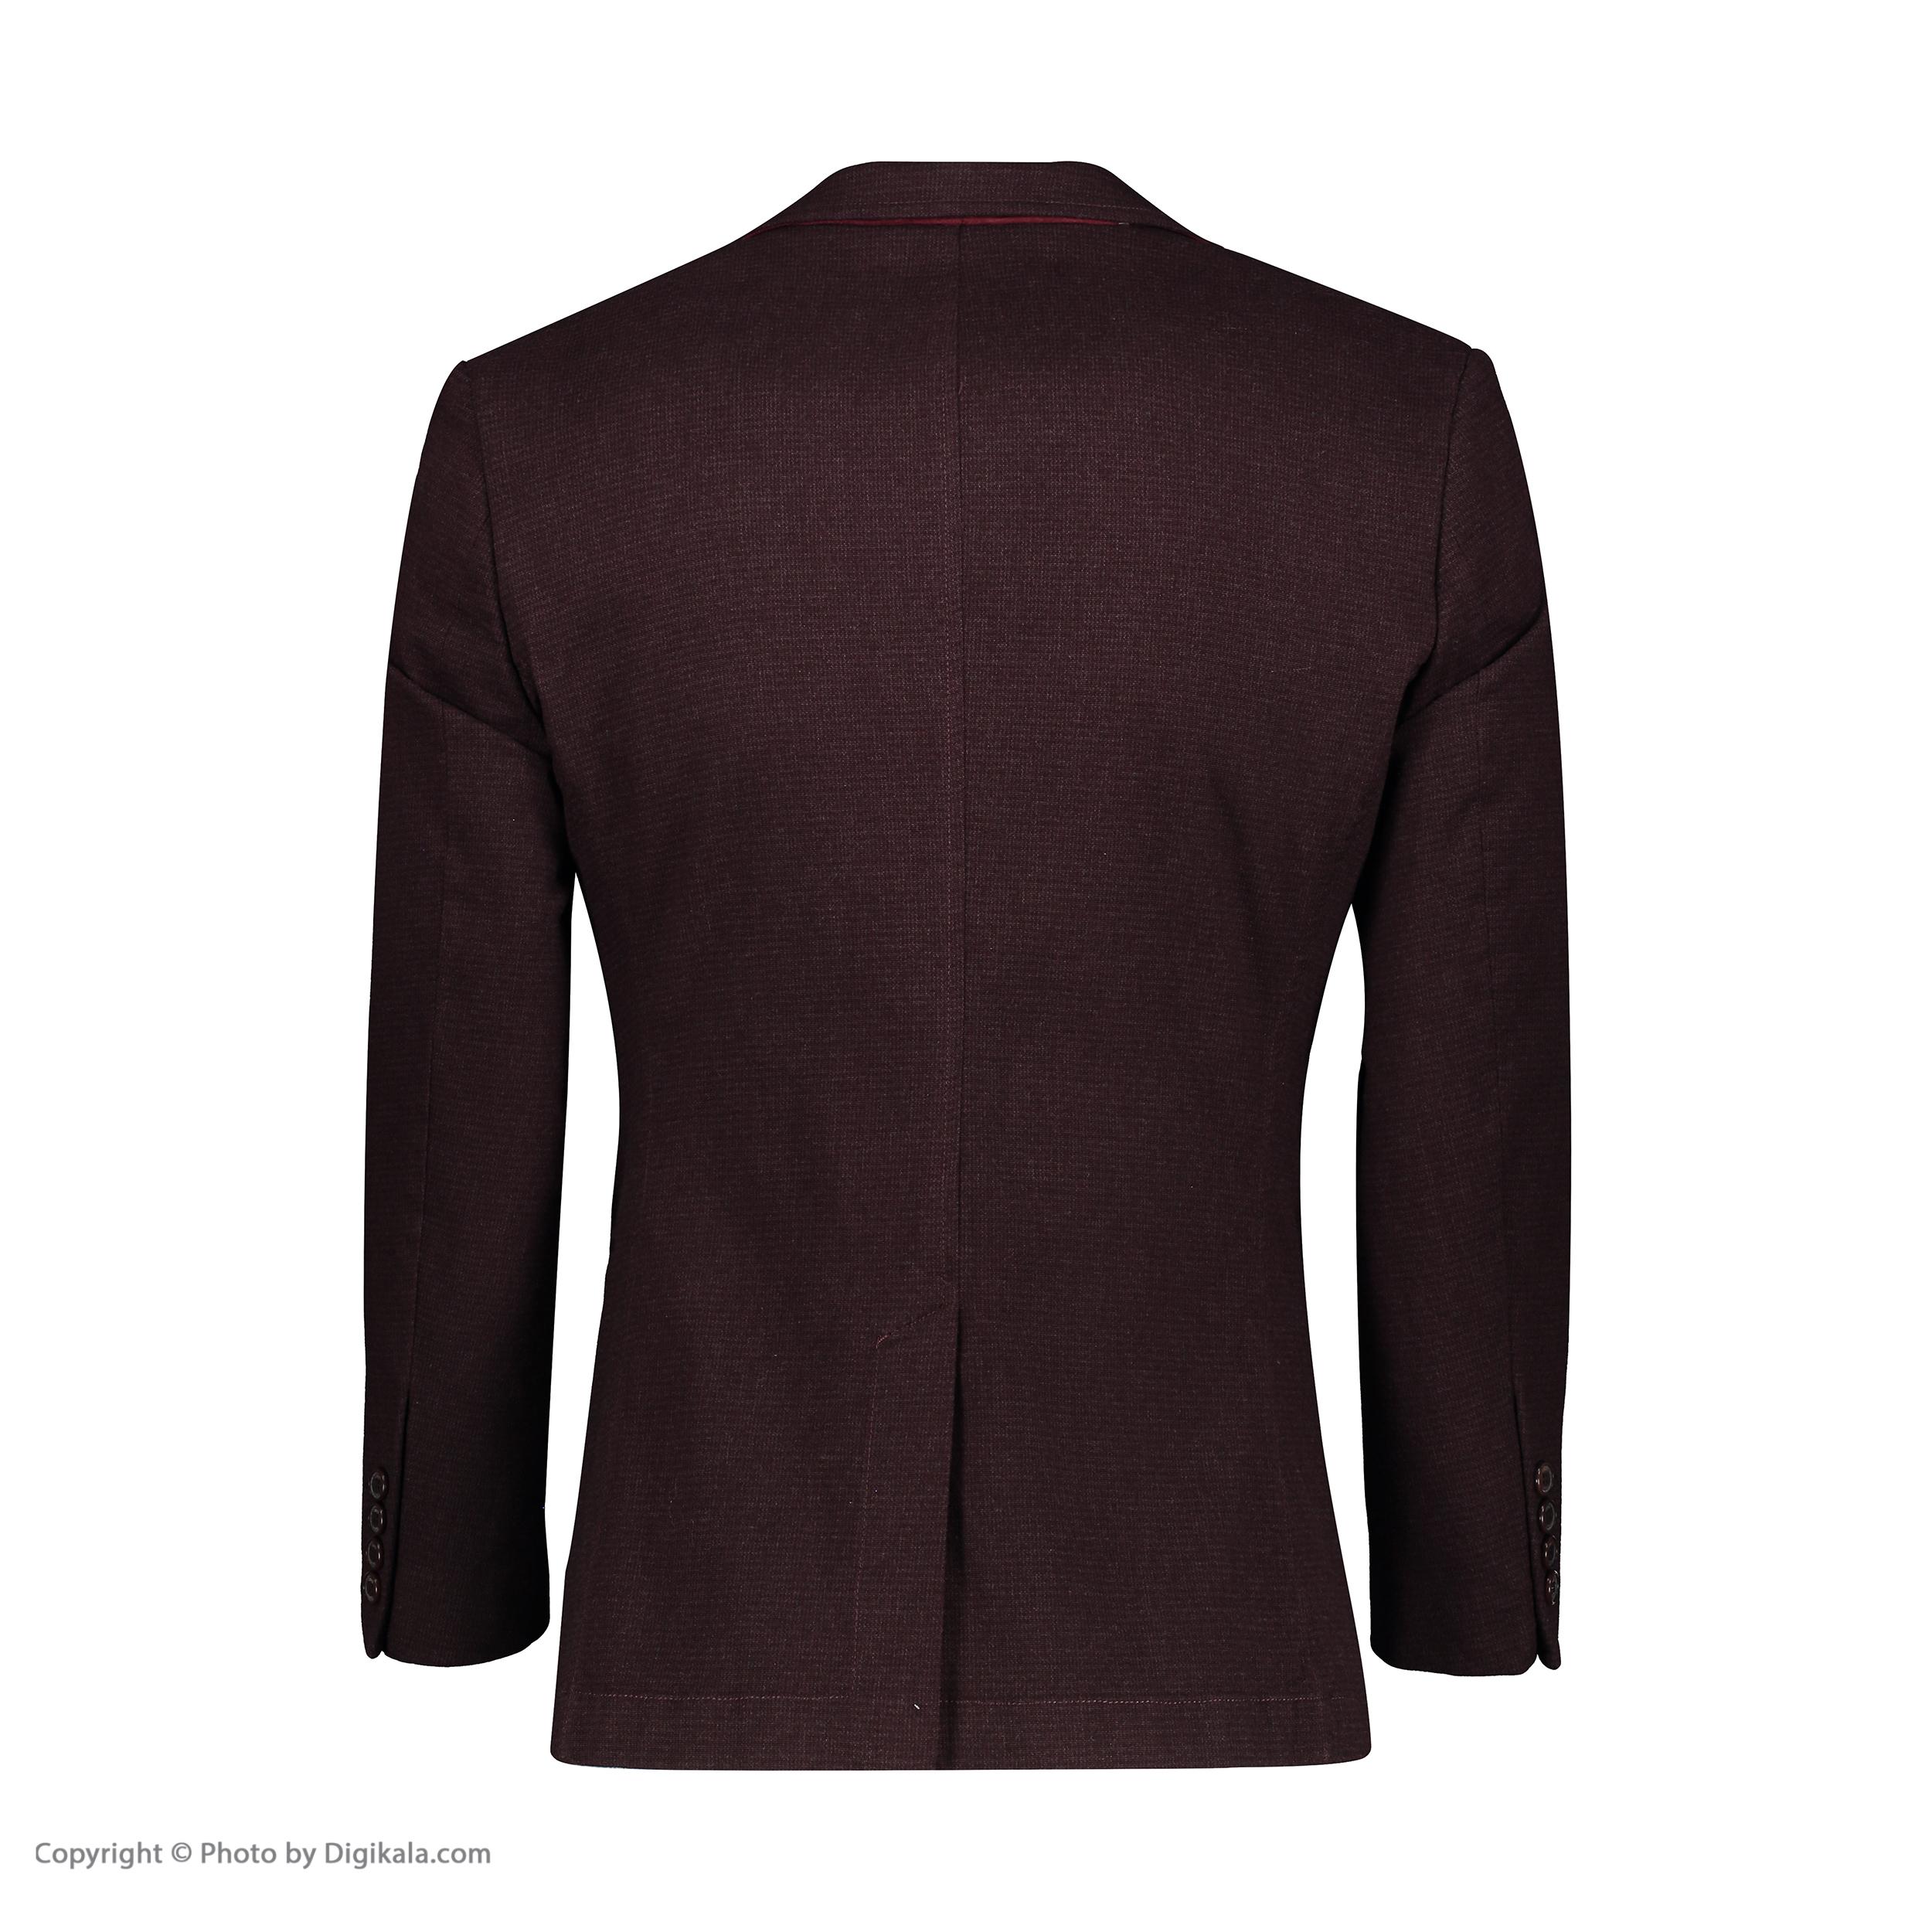 کت تک مردانه گراد کد 021 -  - 4